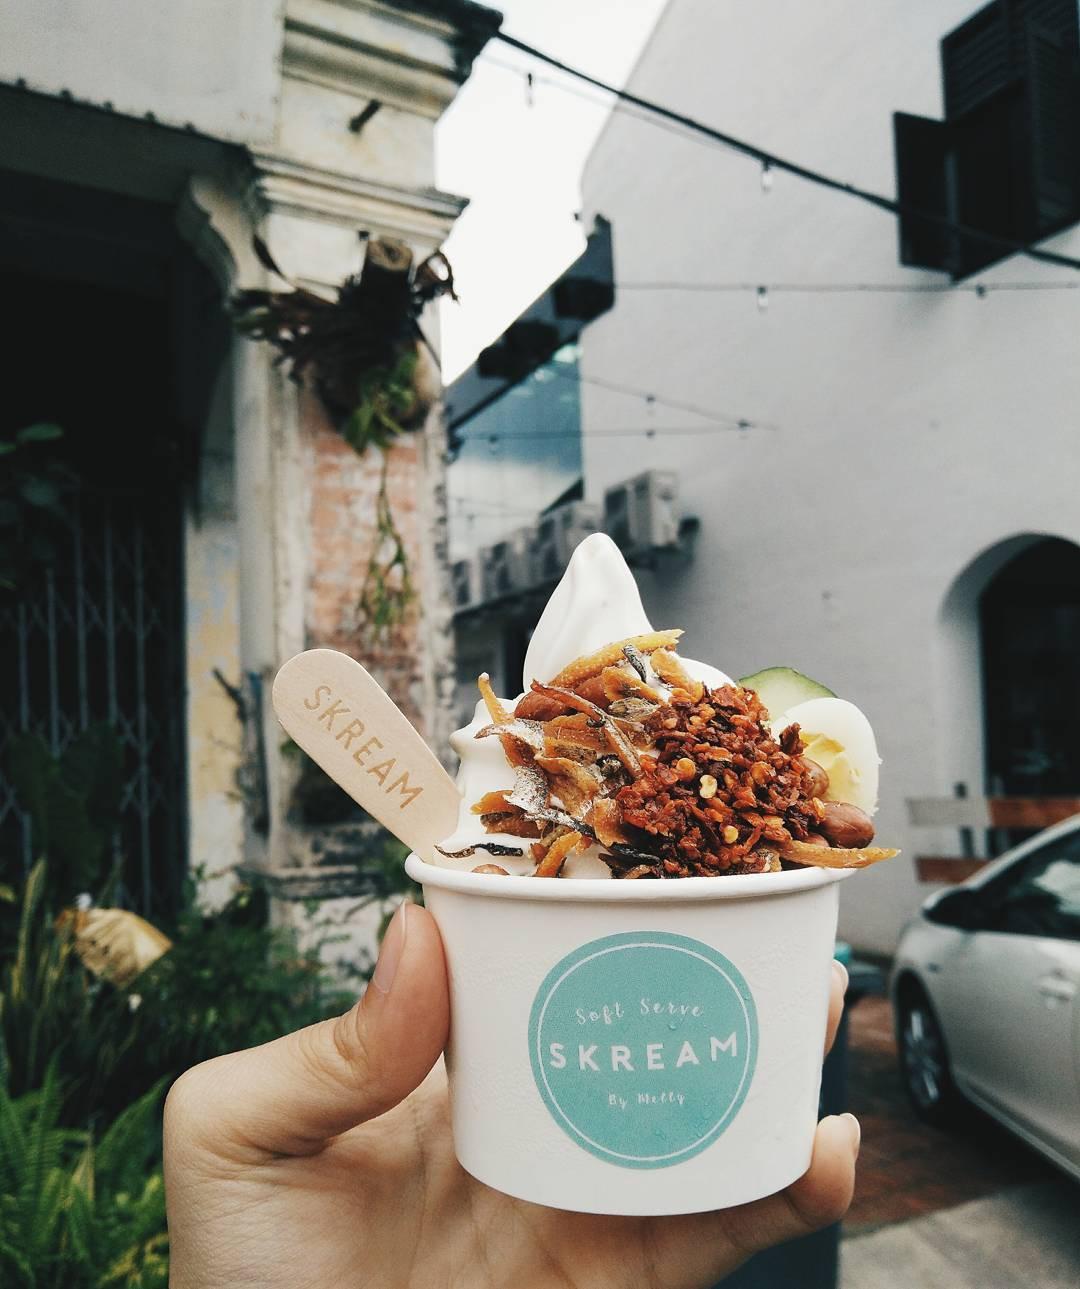 Dẫu biết rằng người Malaysia rất thích ăn cơm Nasi Lemak, nhưng chế biến chúng thành món kem thì có quá đà không? - Ảnh 2.